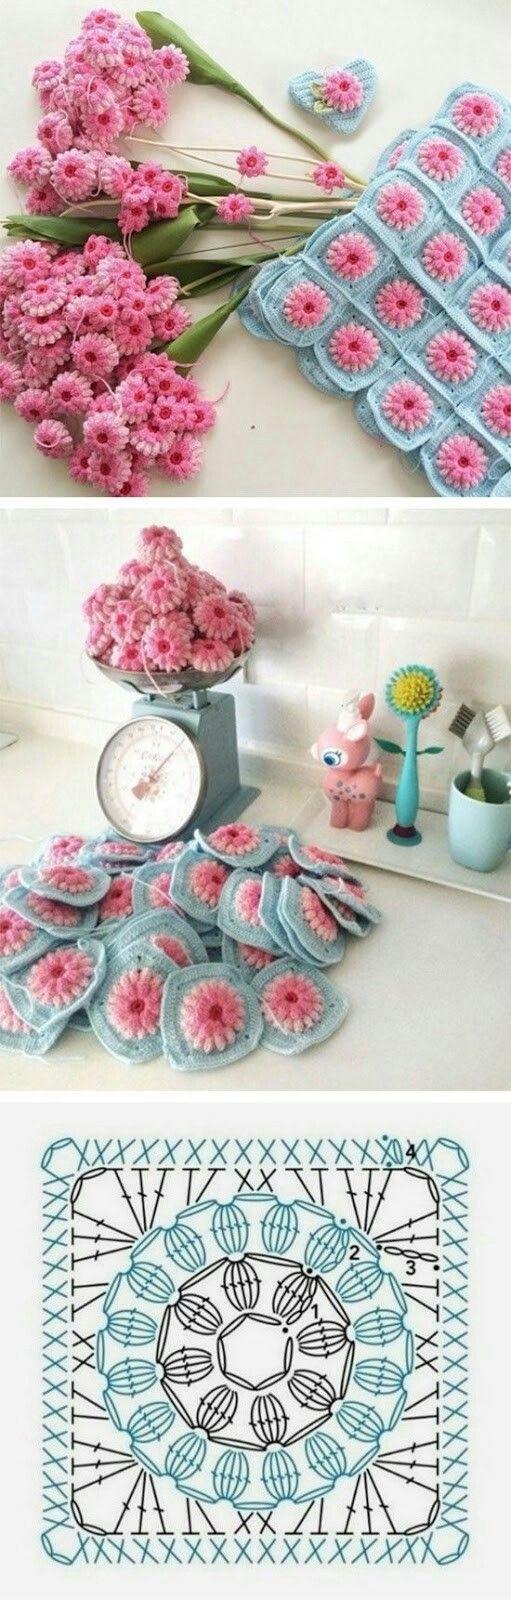 Flor Crochet Patrones O Motivo Pinterest Flower Motif Motivos Hexagonales